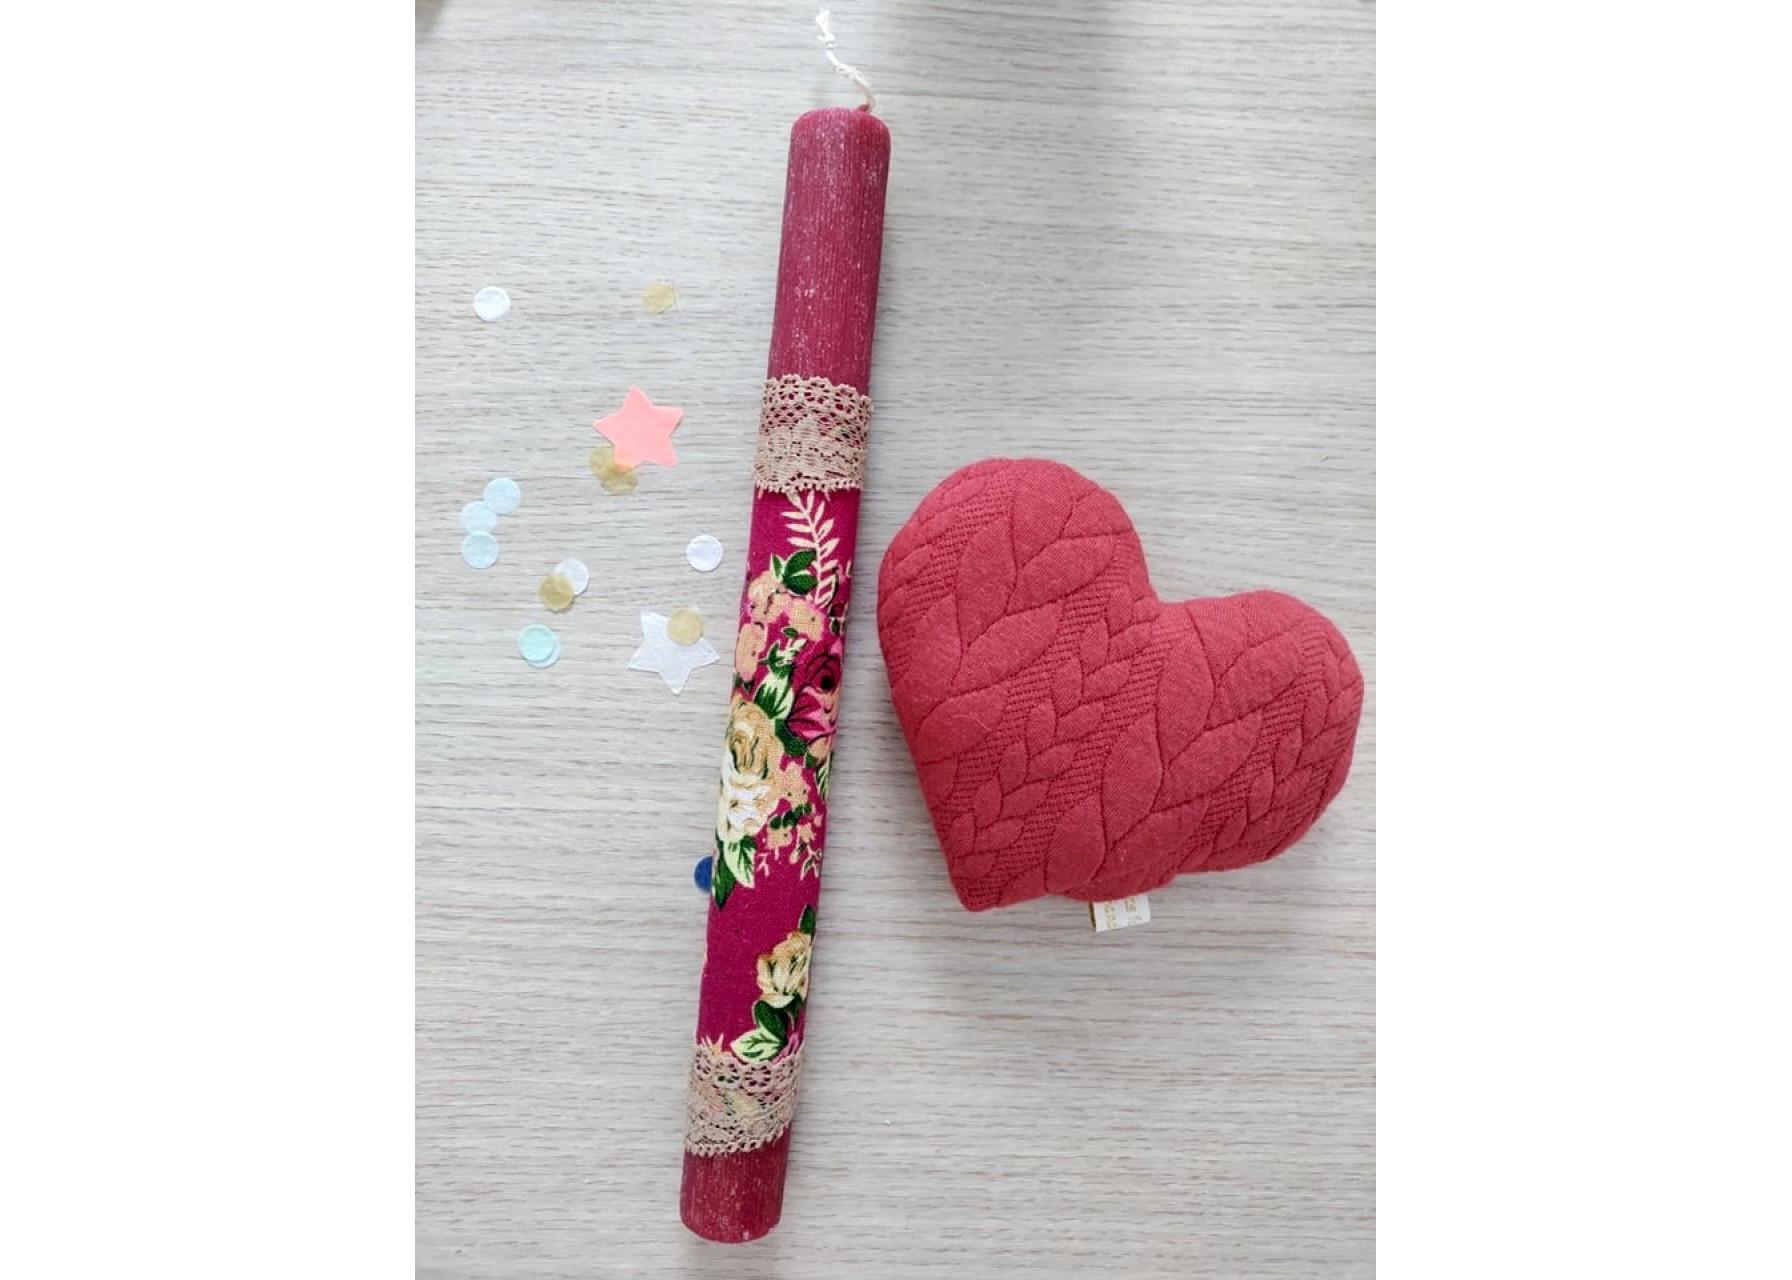 Πασχαλινή λαμπάδα / Καρδιά λεβάντα